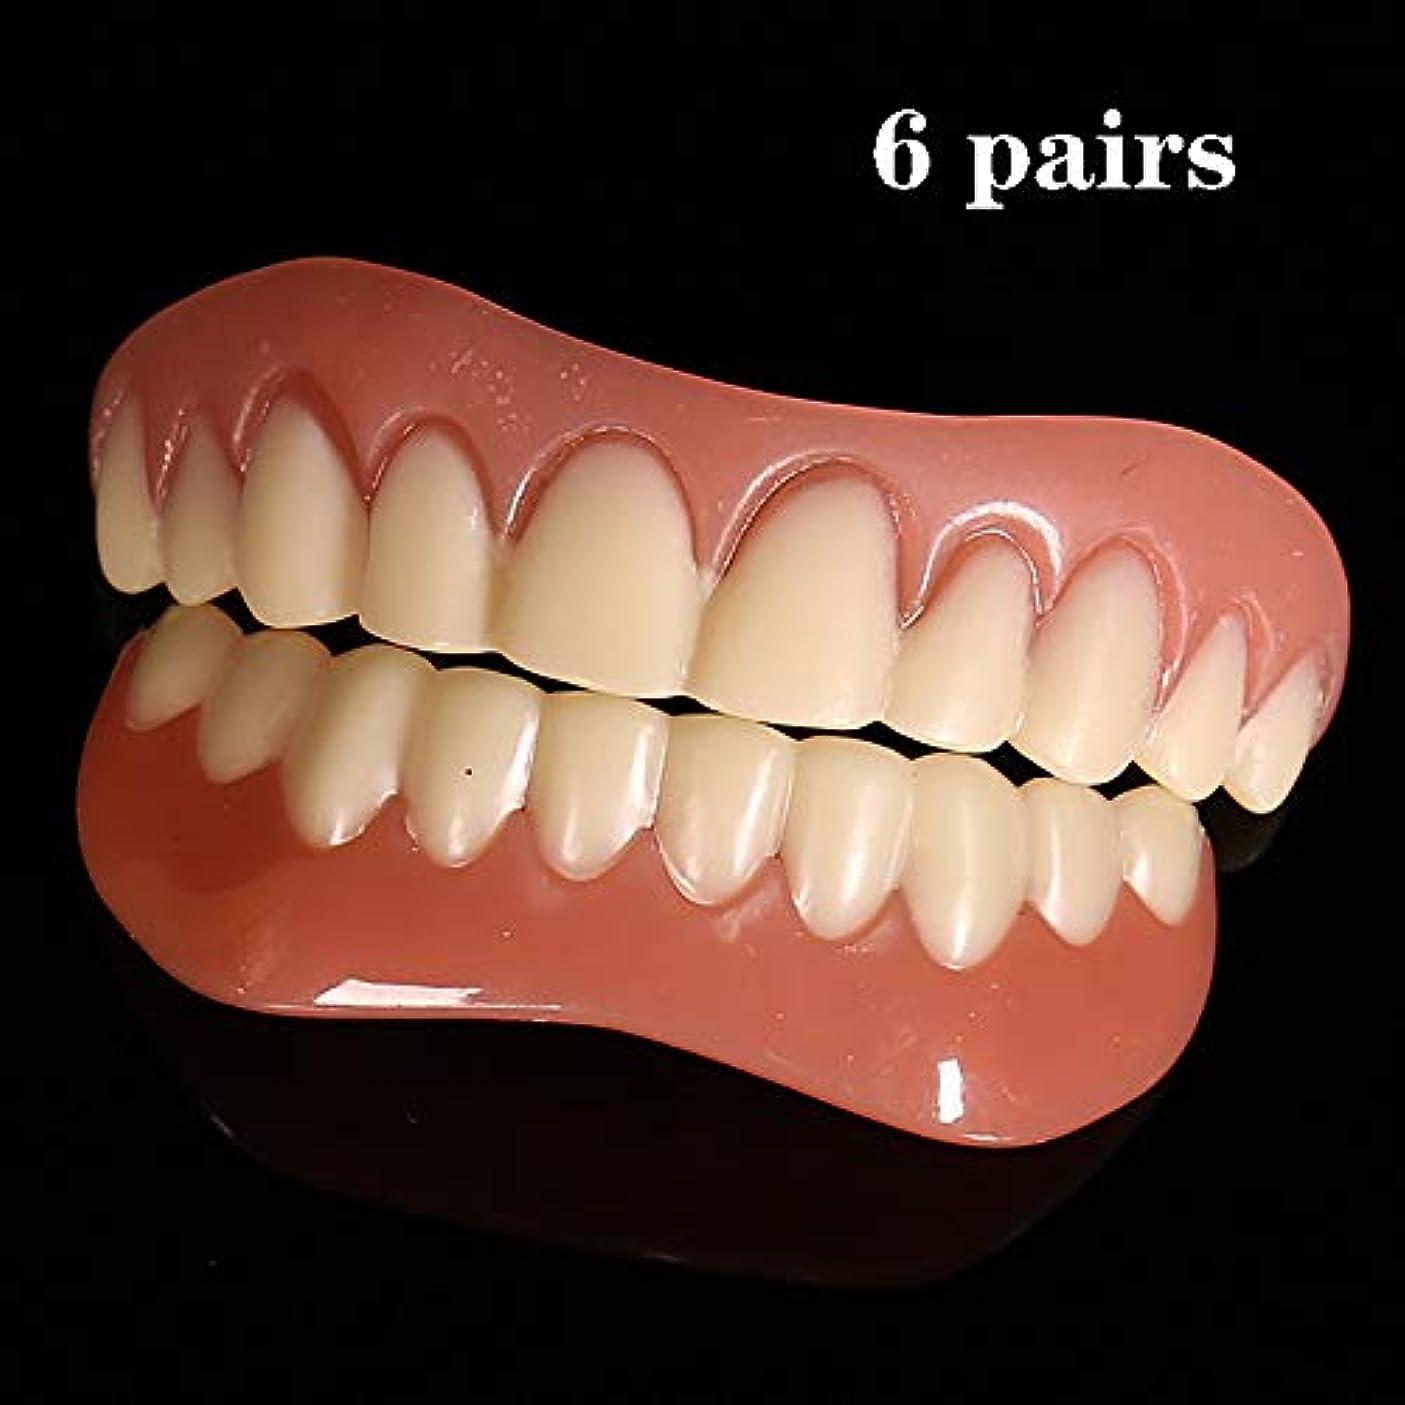 マニフェスト基準タクト歯のベニヤ化粧品の歯スナップオンセキュア6ペア上下の快適さフィット歯のベニヤセキュアインスタントスマイル化粧品ワンサイズ全ての義歯ケアツールにフィット